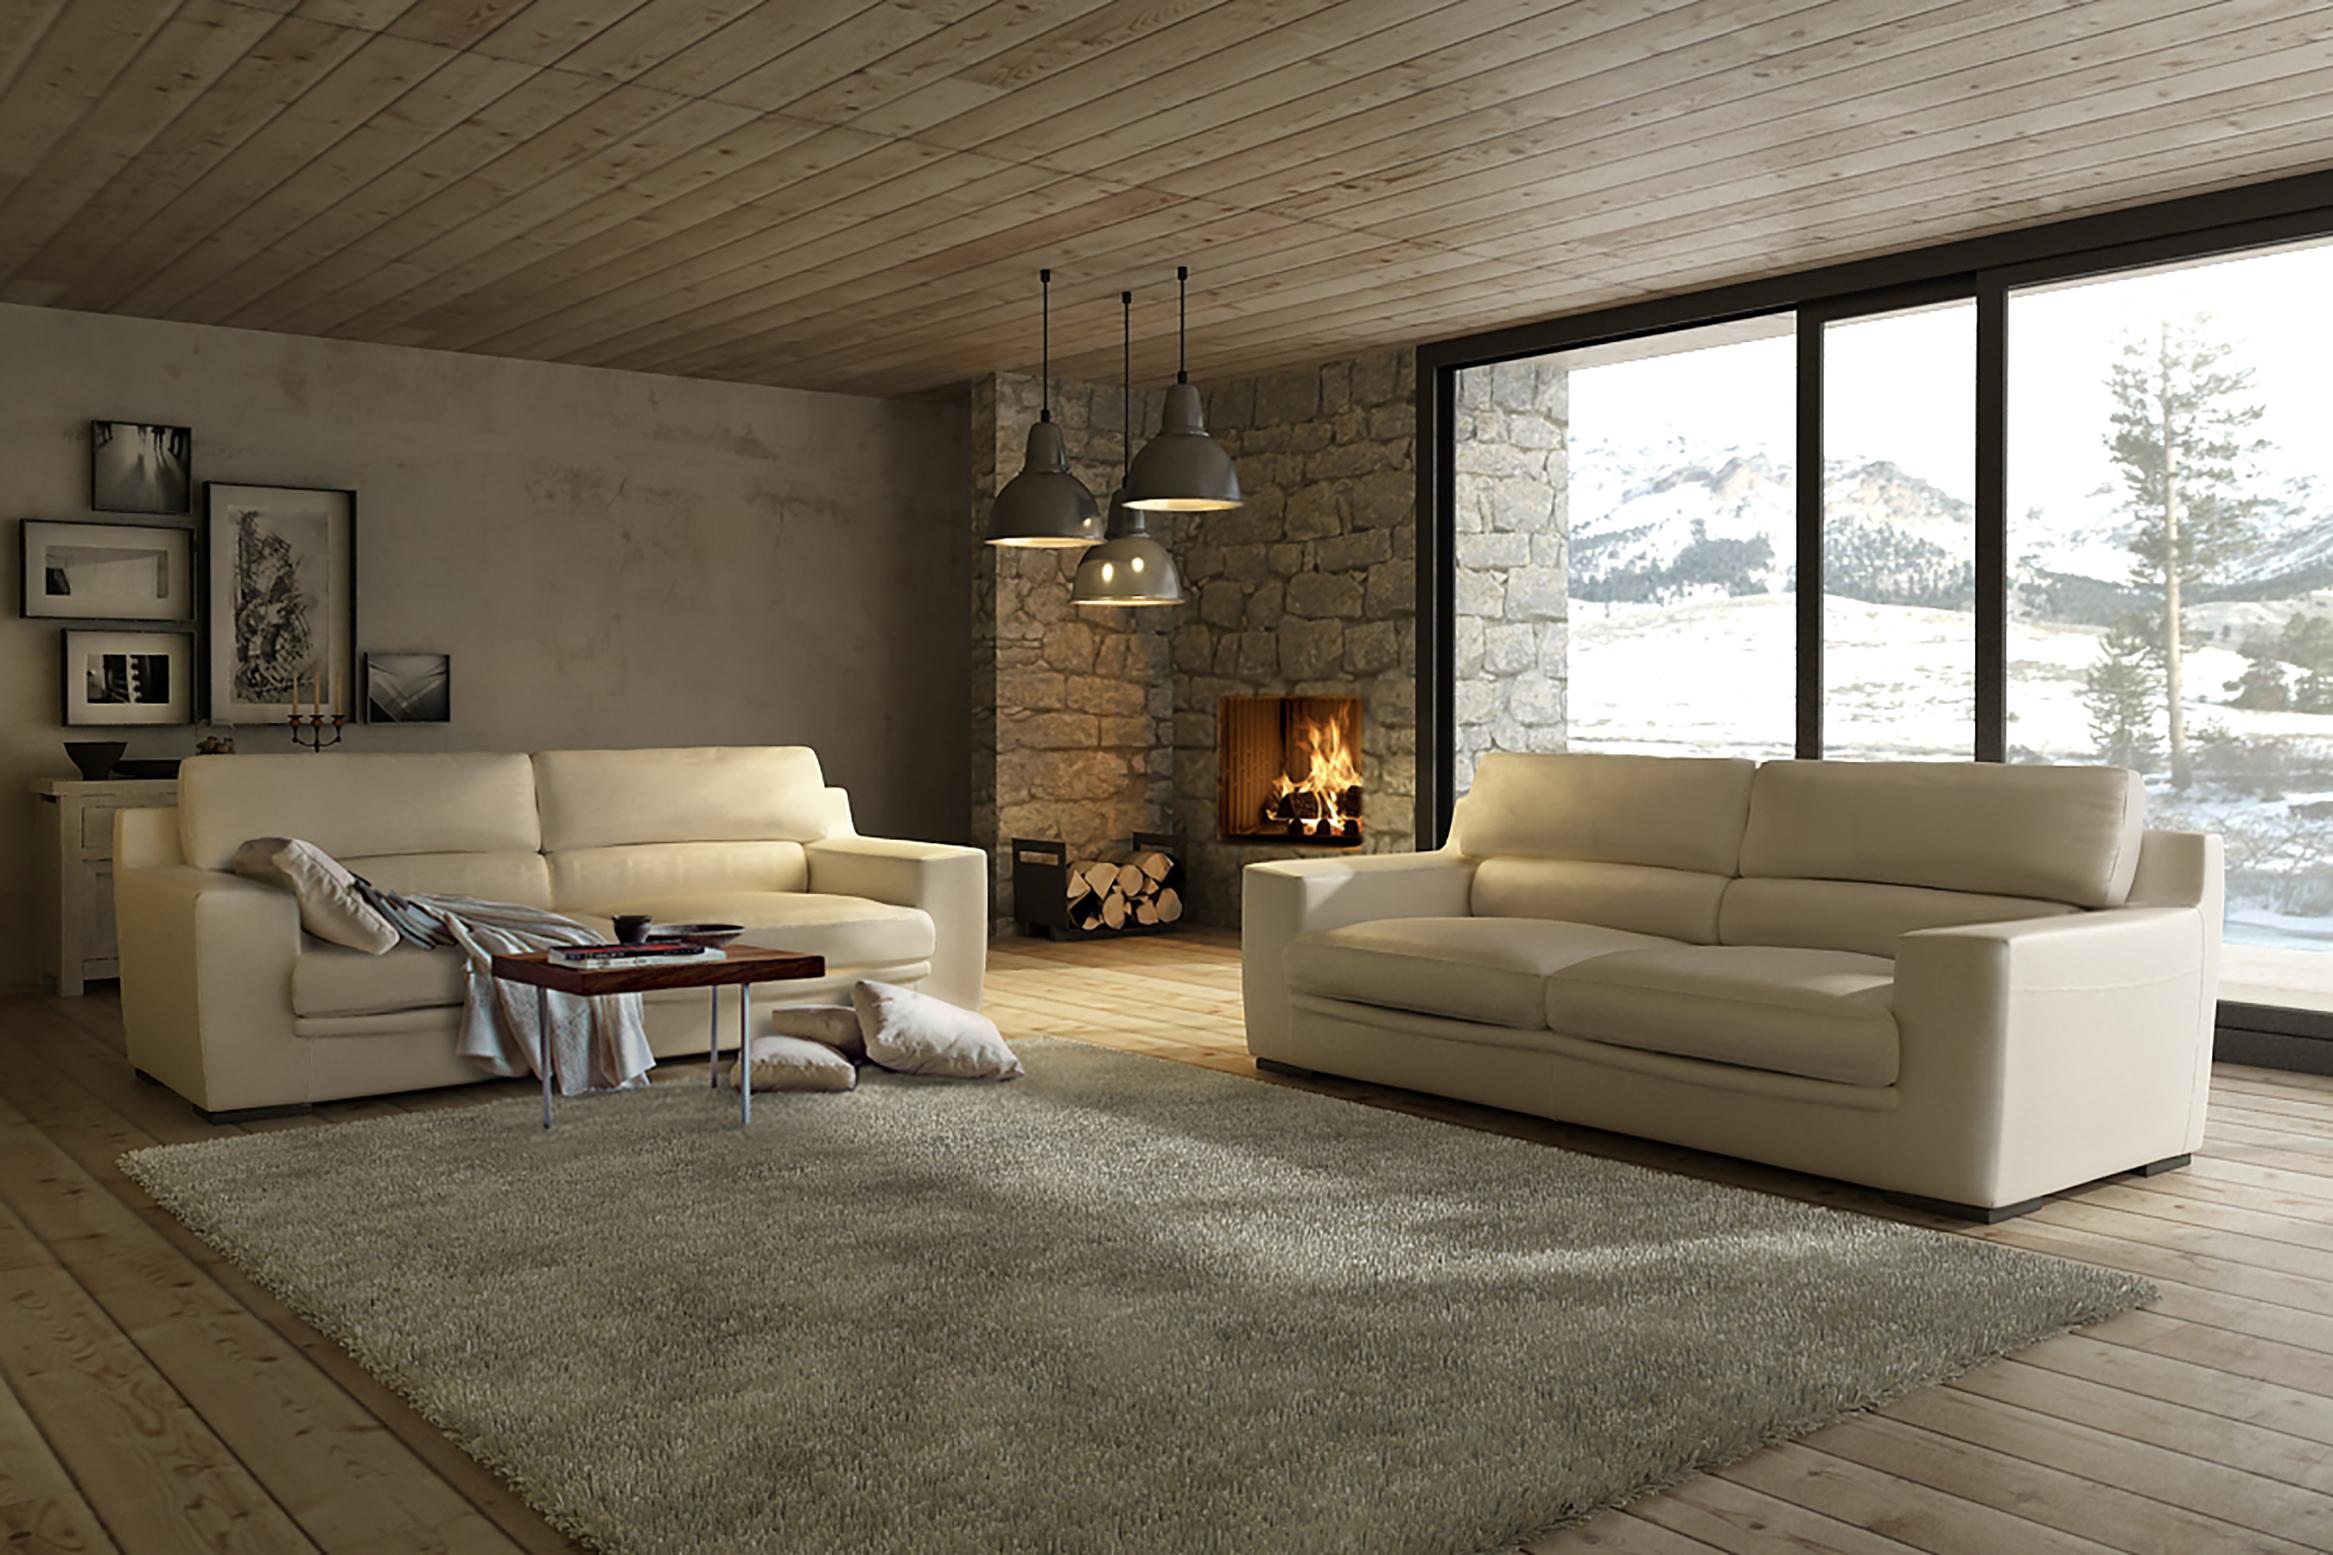 sofá classico abbiamo360